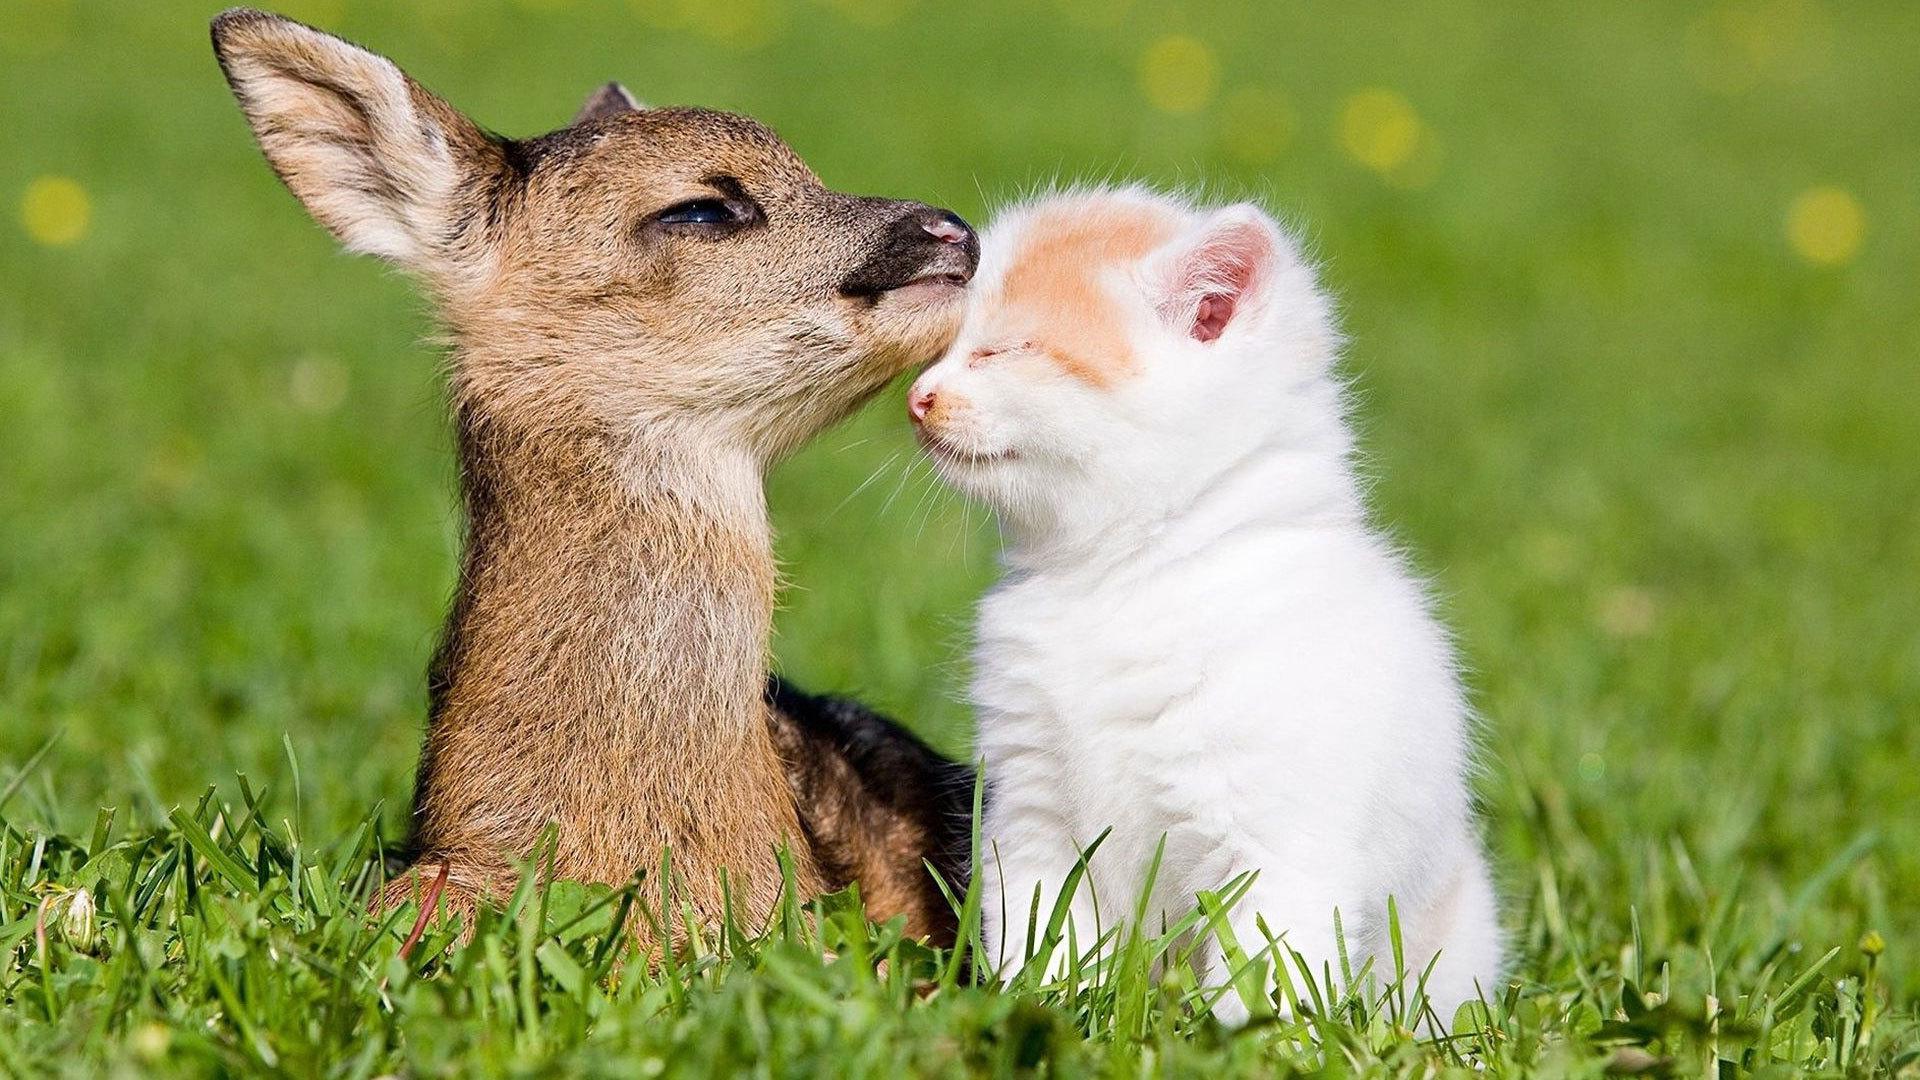 Baby deer vs kitten - Imgur